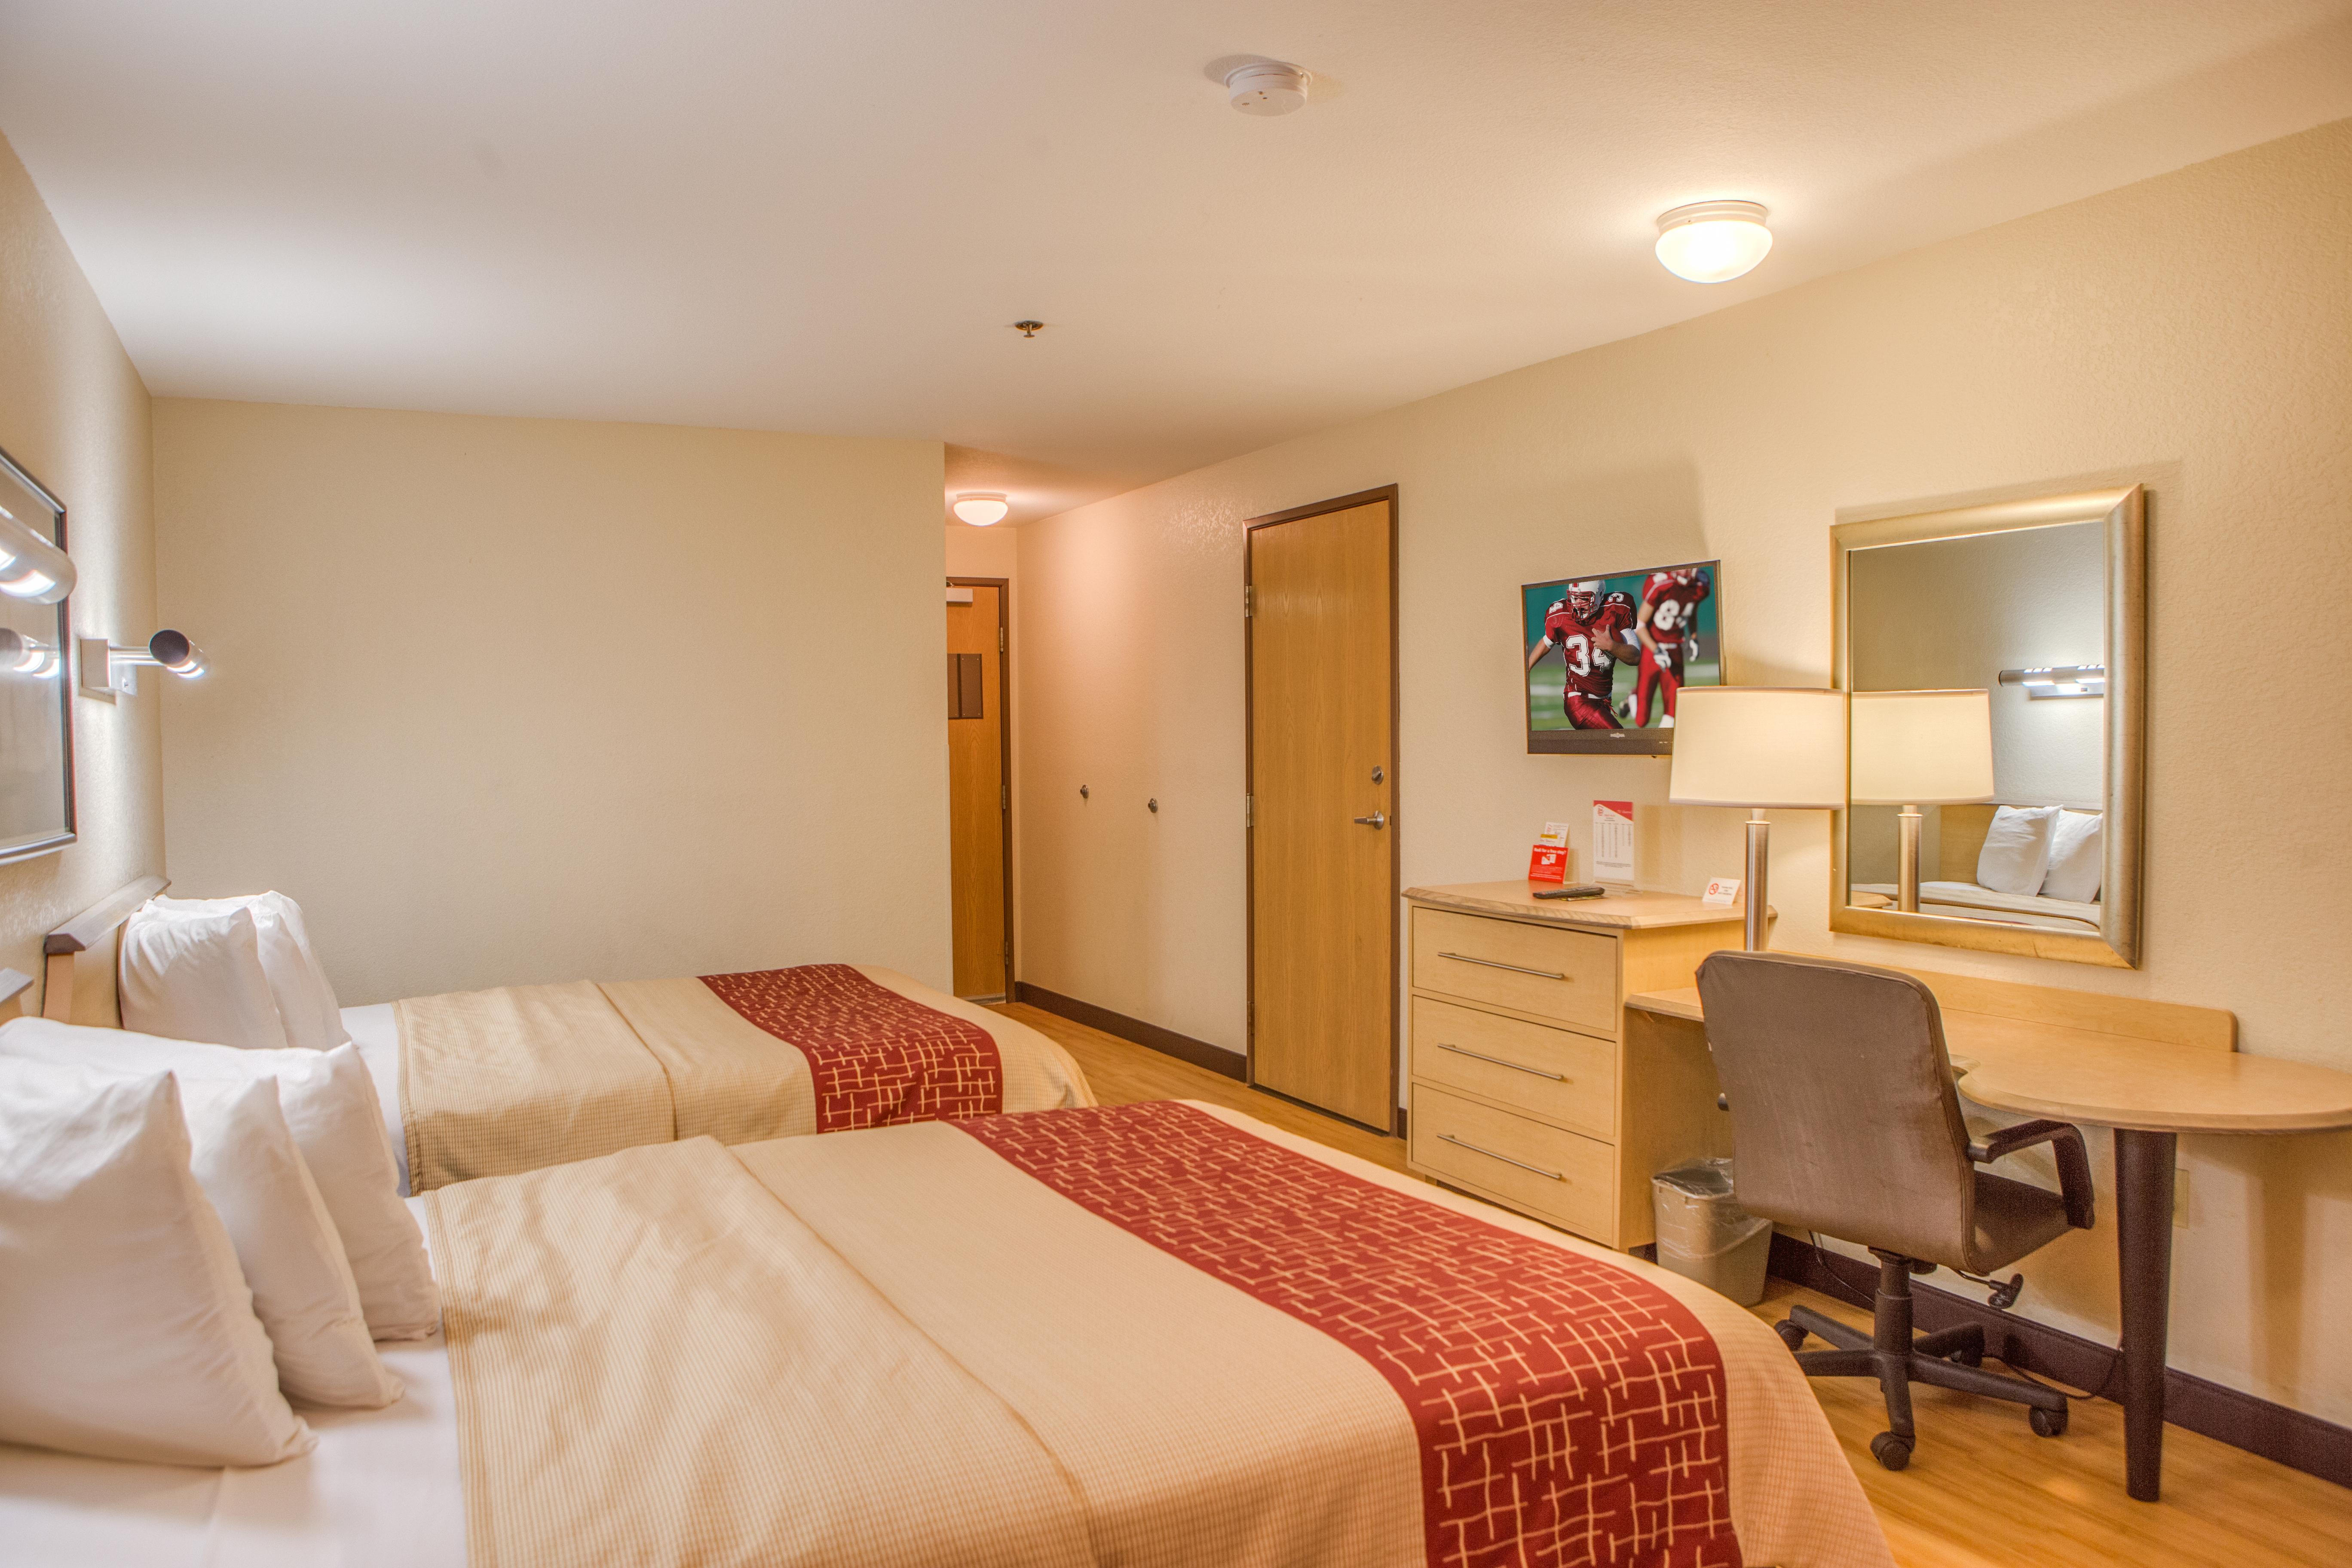 371-2-queen-beds-3.jpg